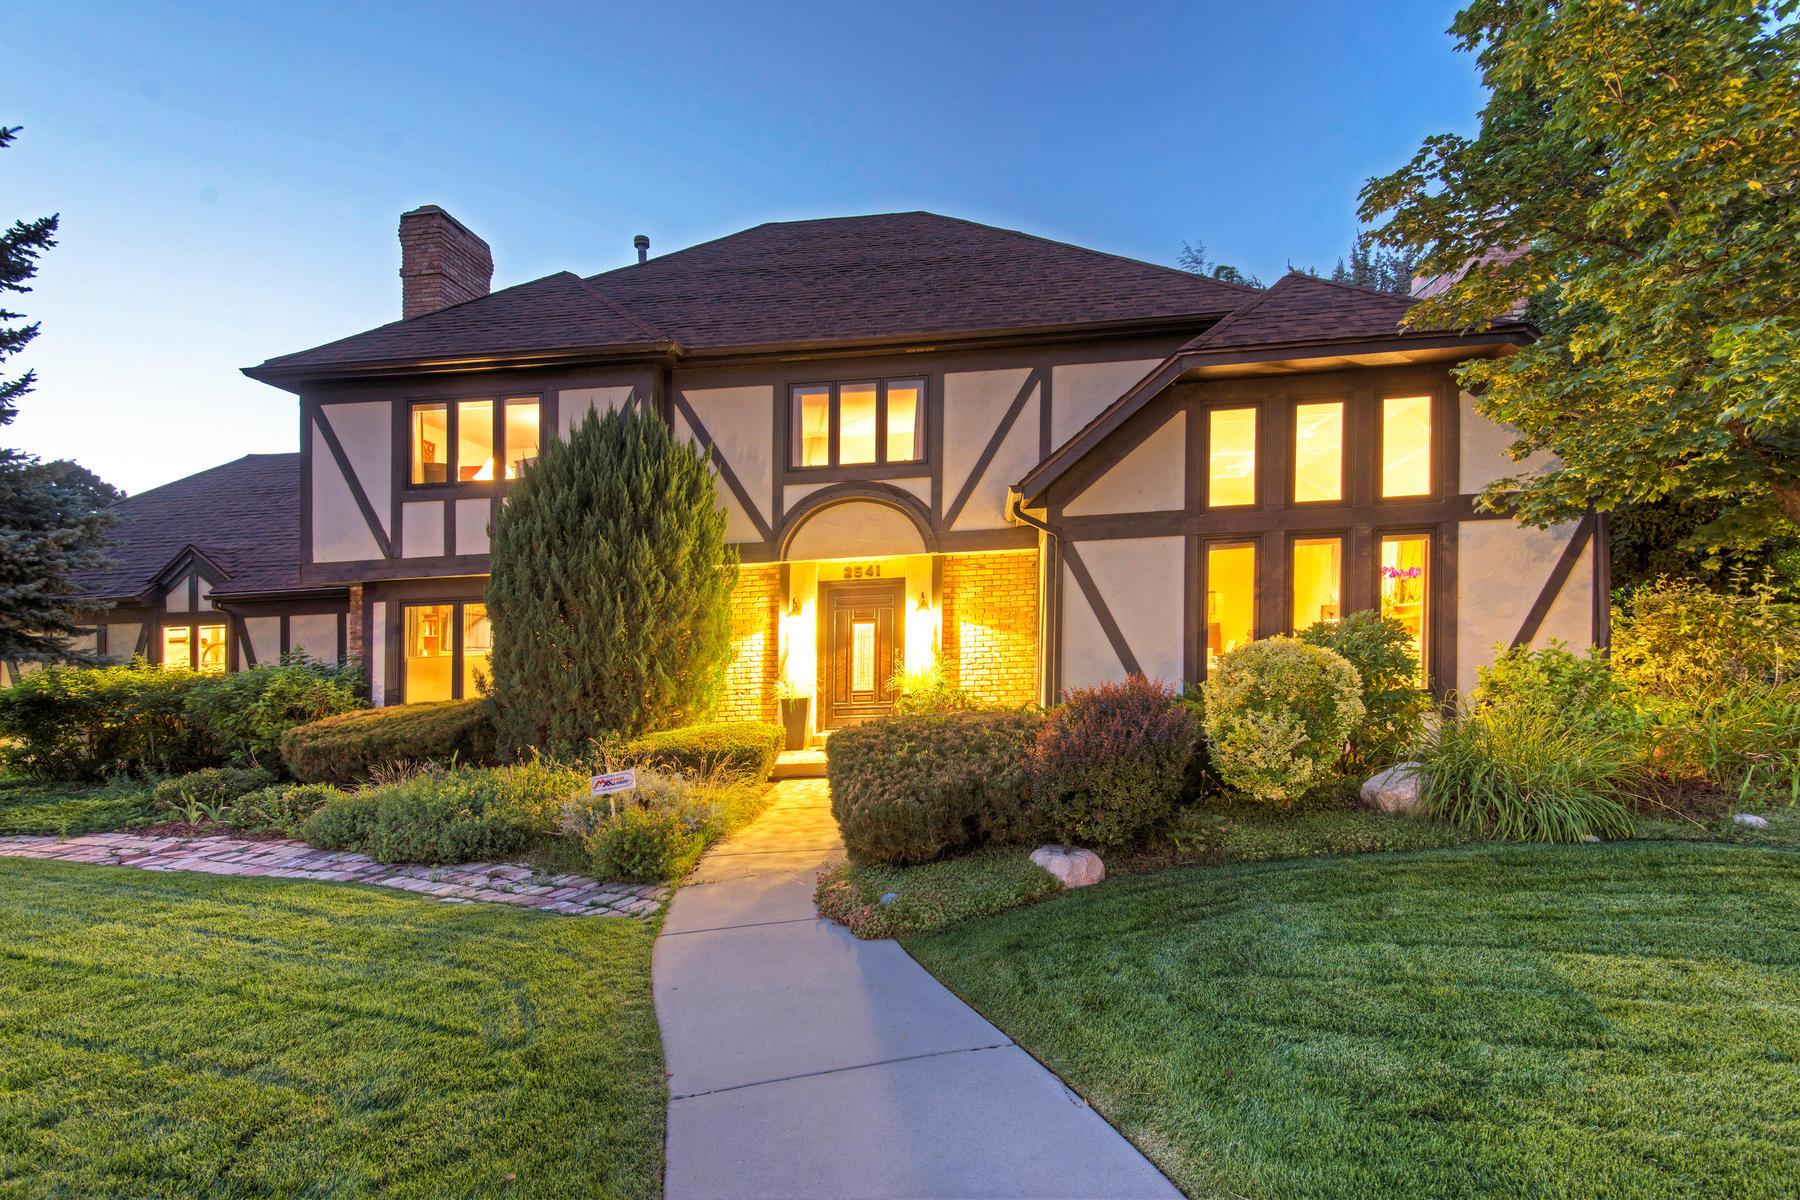 Частный односемейный дом для того Продажа на Beautiful Millcreek 2-story Tudor 2541 E Neffs Cir Salt Lake City, Юта, 84109 Соединенные Штаты